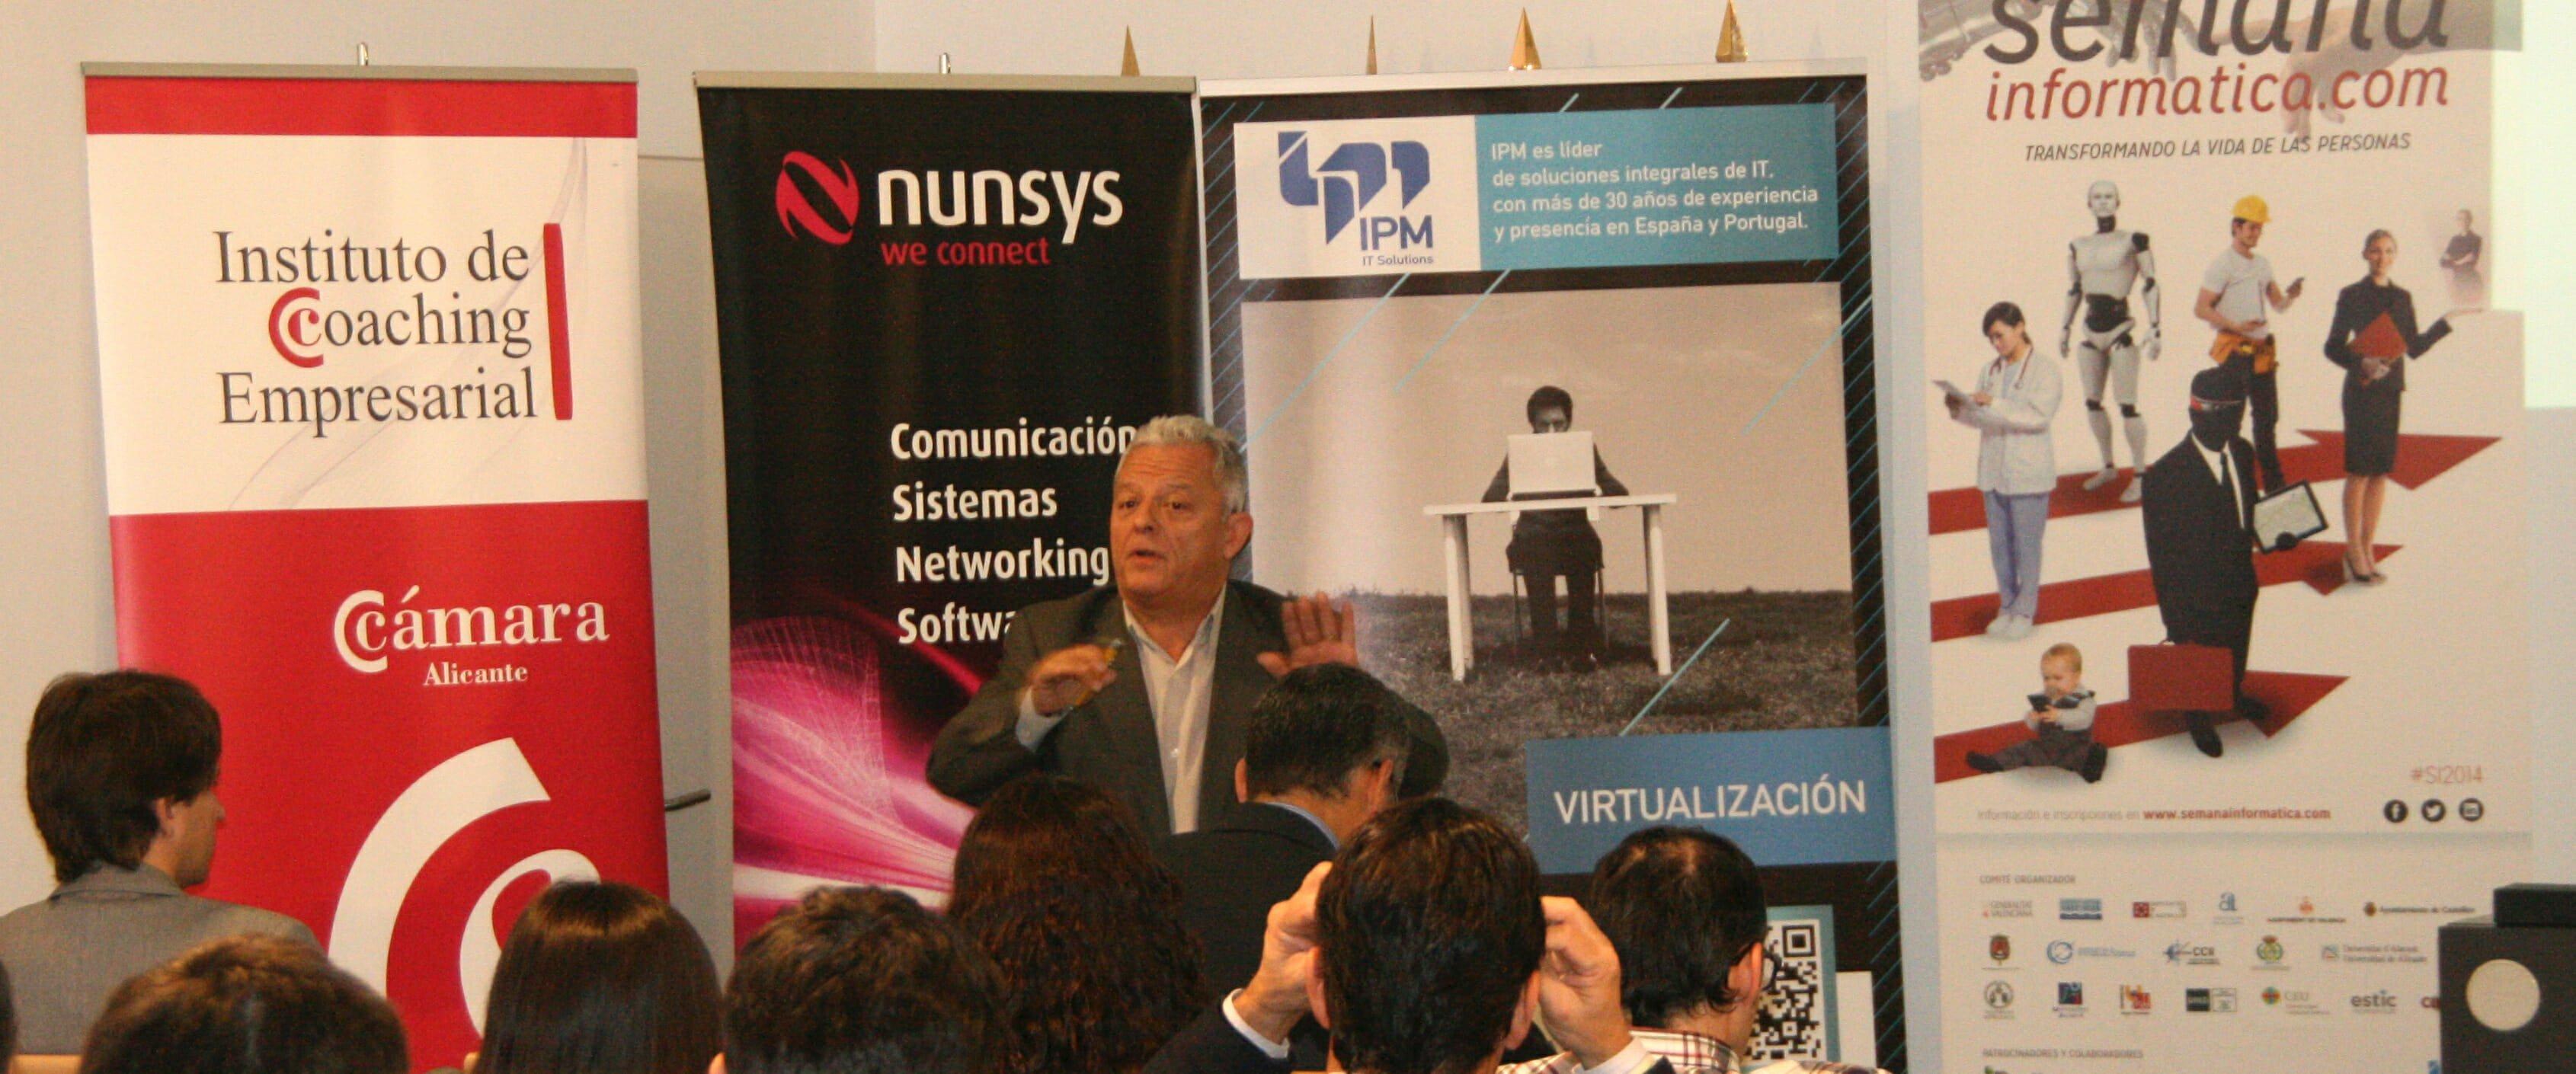 Josep Verdura en semana informática 2014